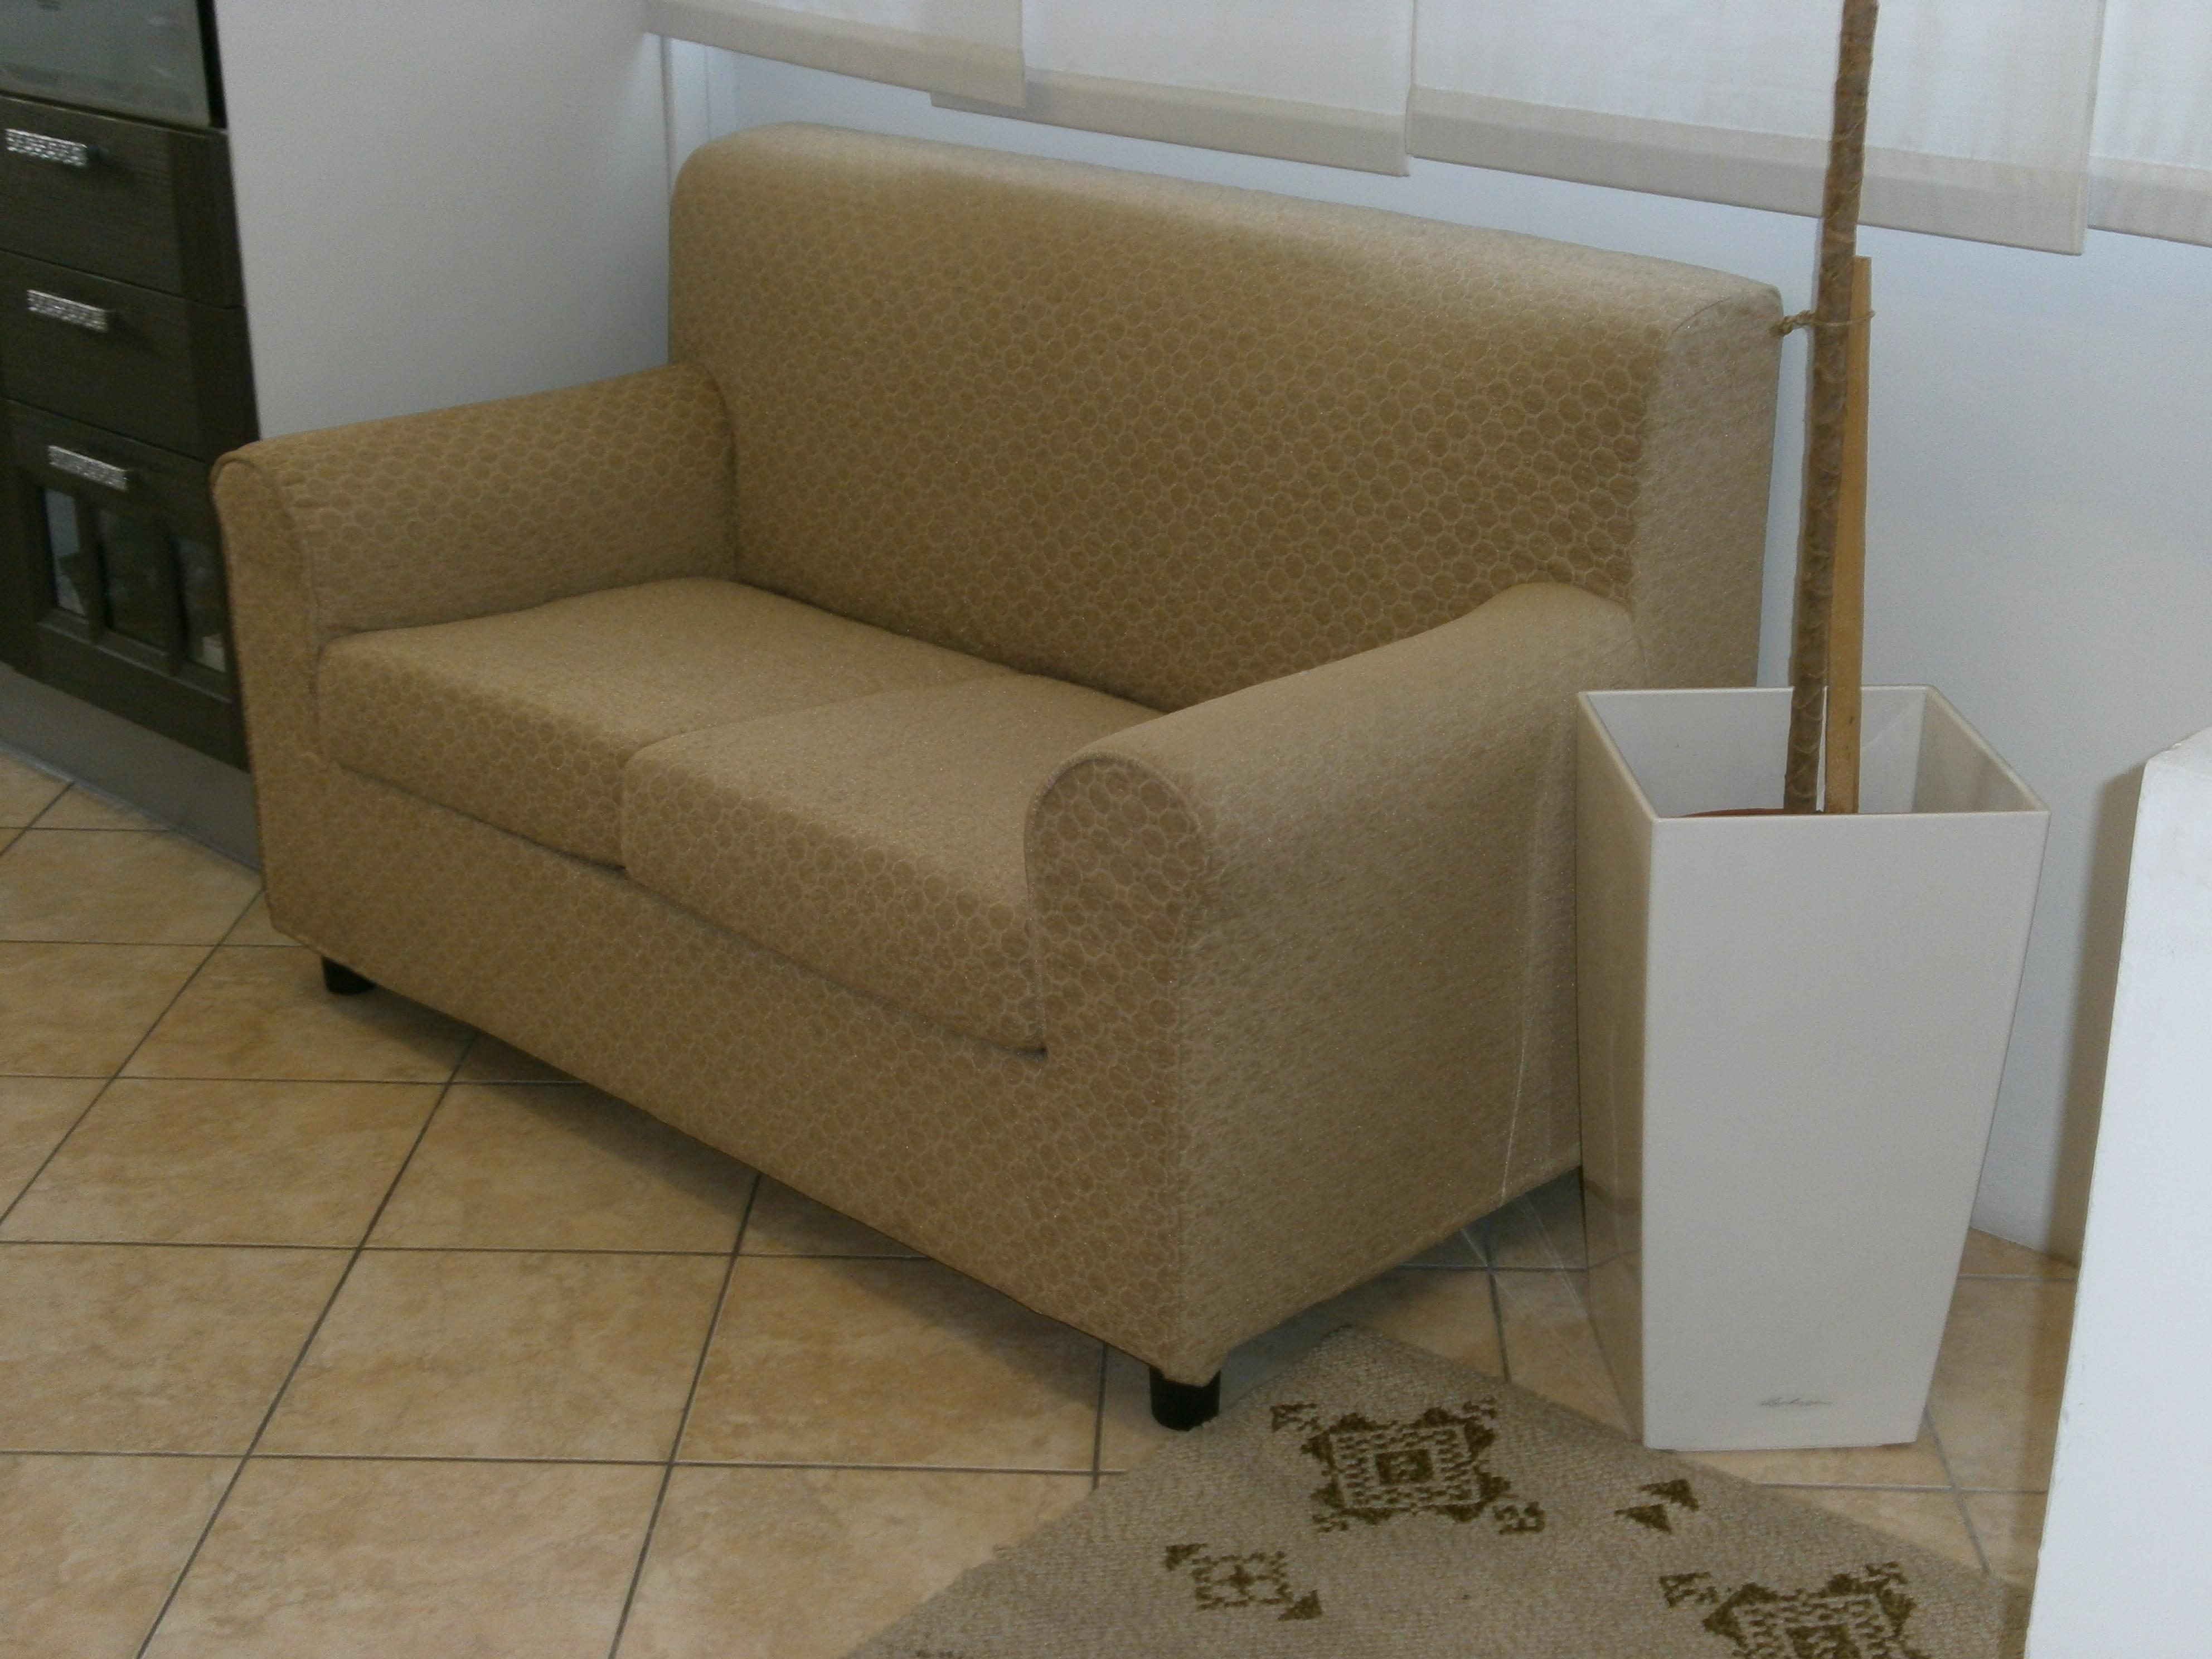 Mercatino arredamenti nuovi arredamenti nuovi divano - Divano profondita 70 ...